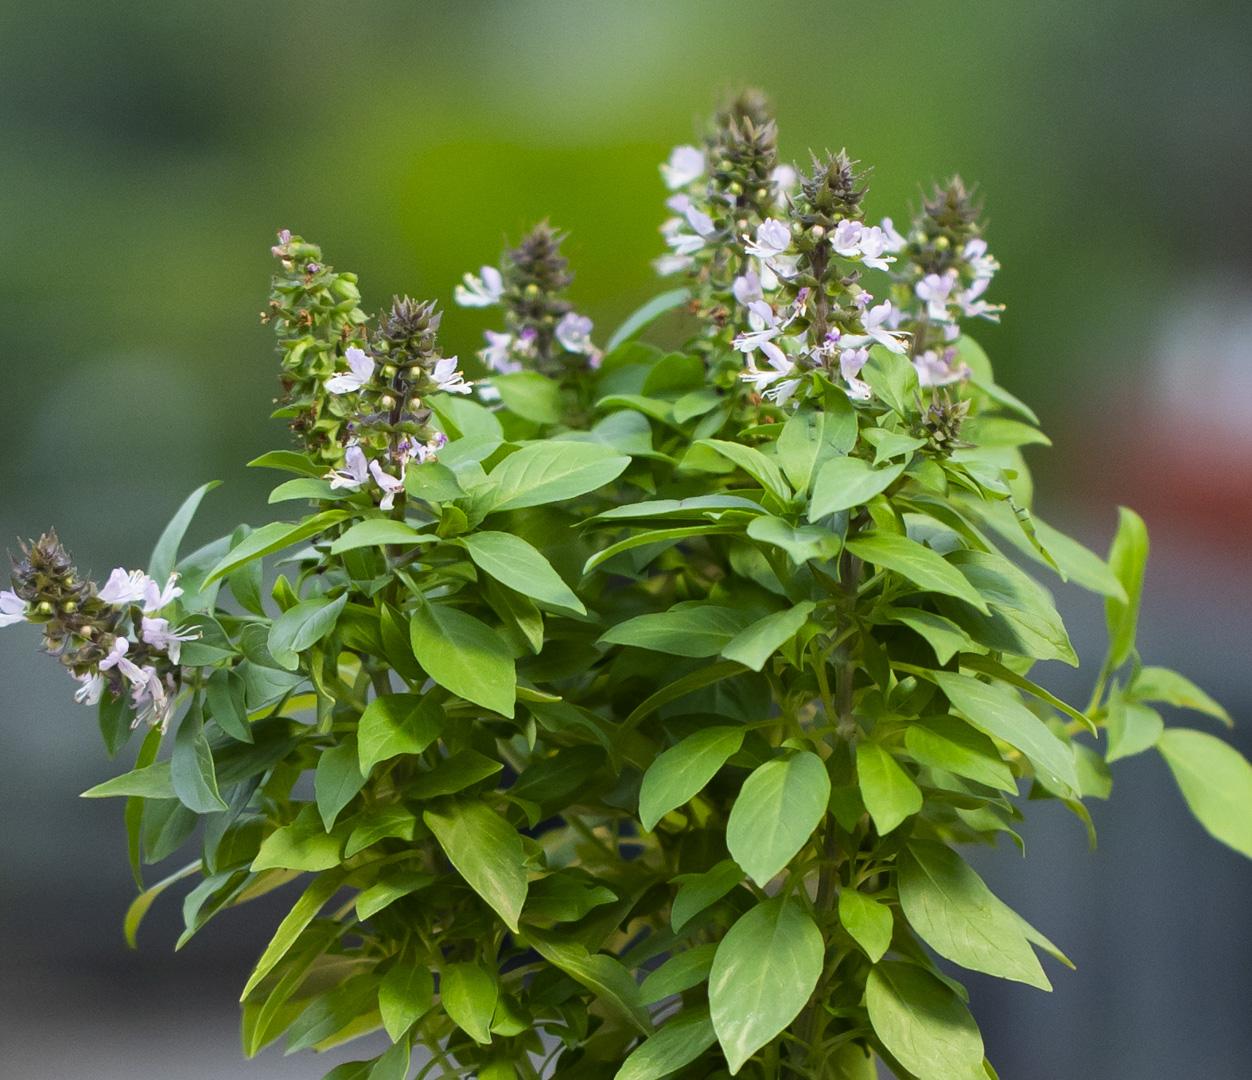 ريحان عربي نباتات خارجية أعشاب